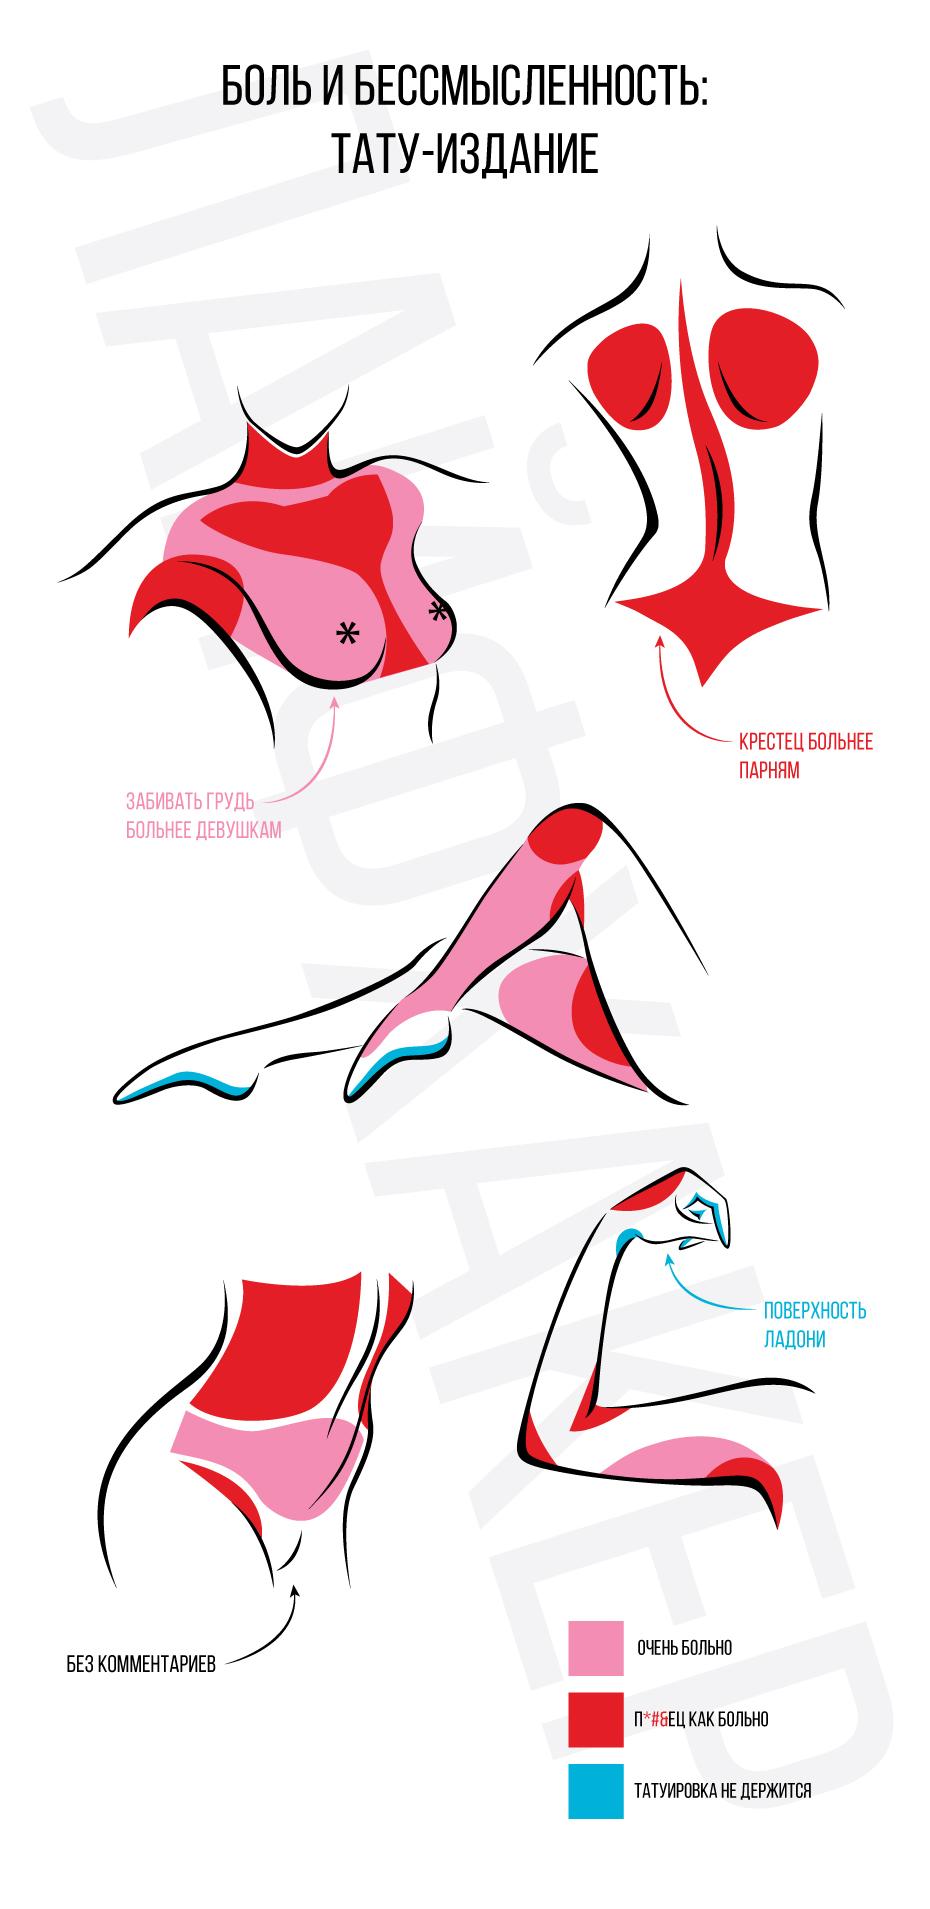 болевые зоны для тату картинка